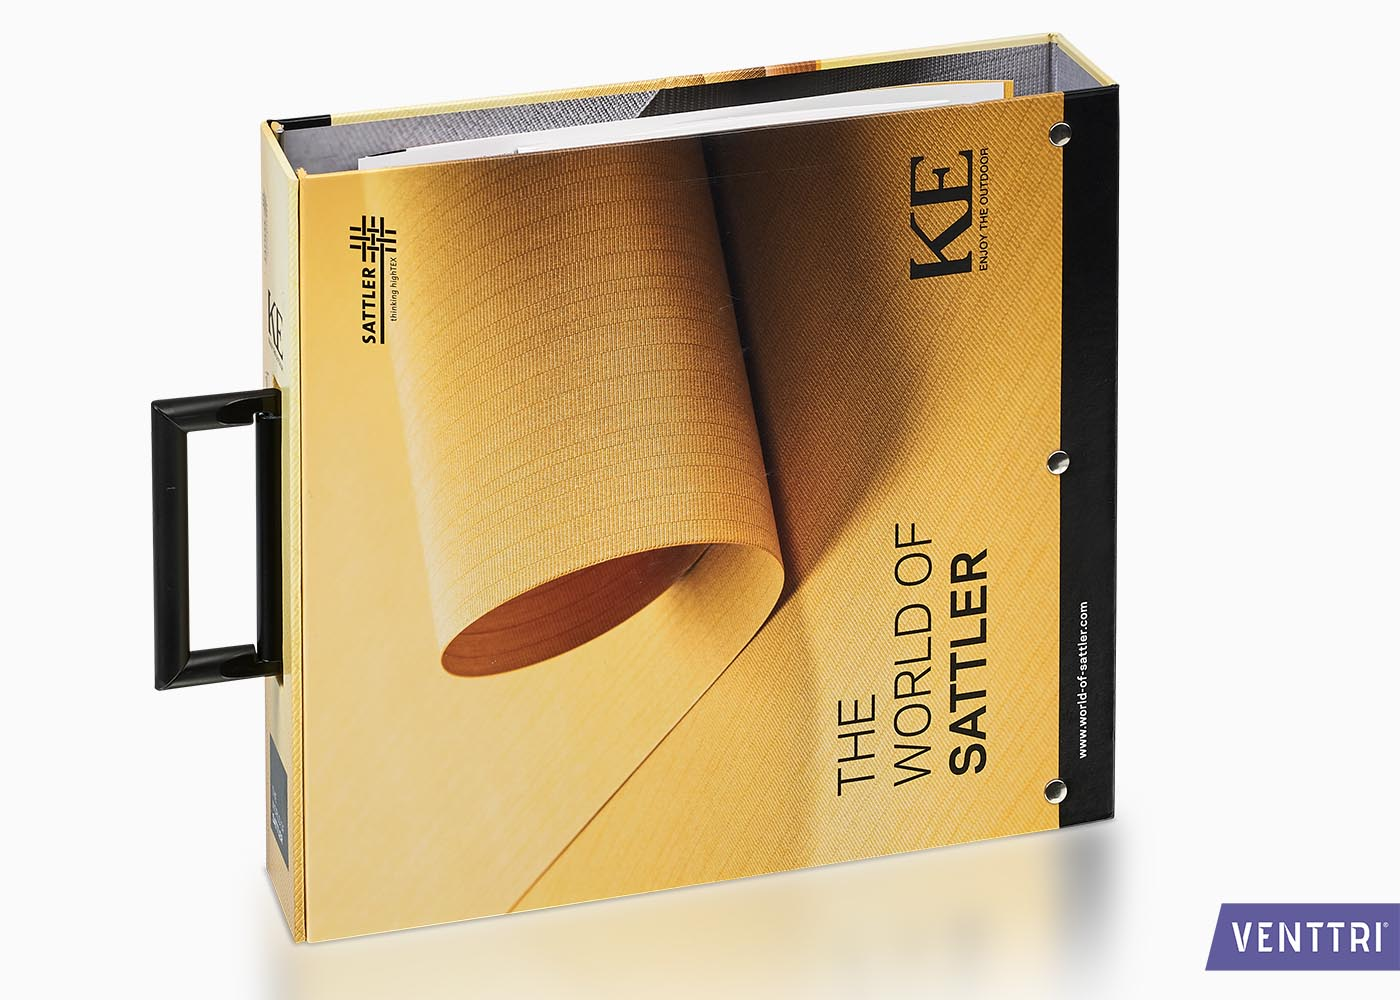 collectieboek Sattler